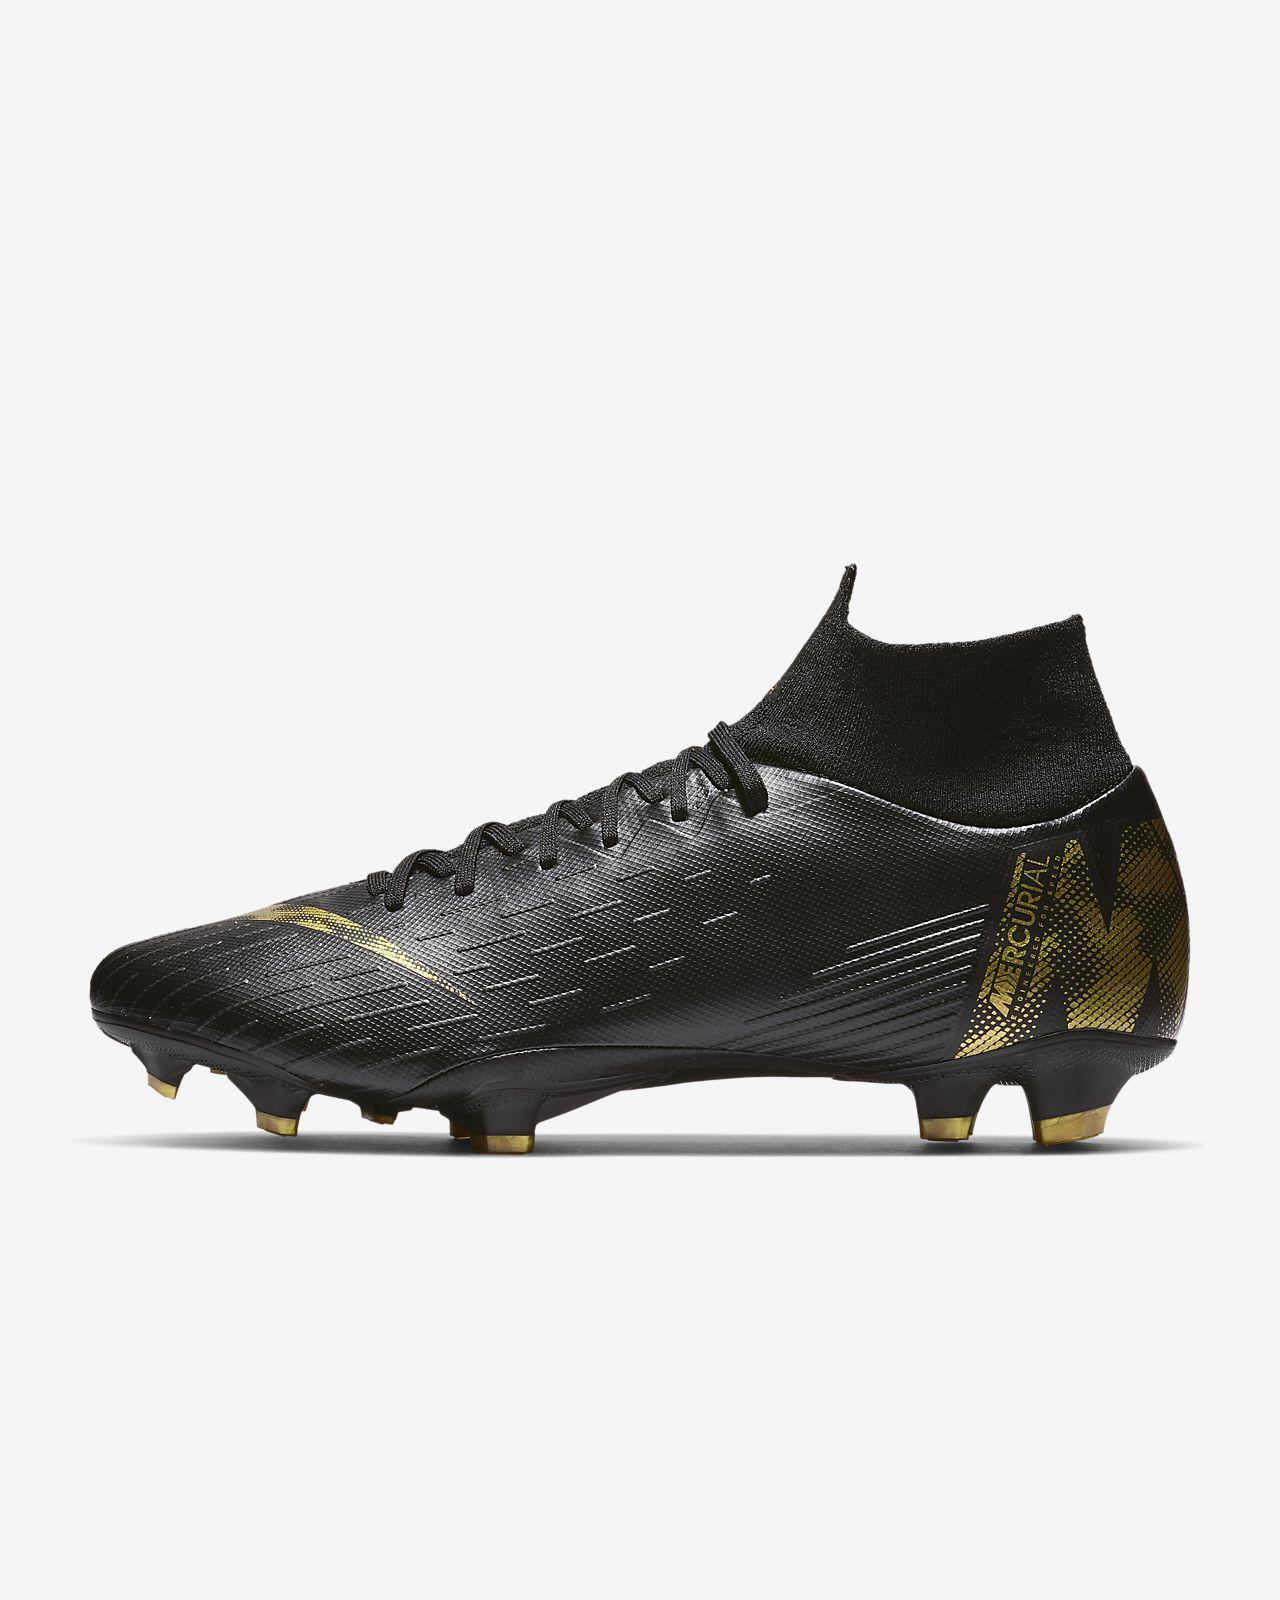 Nike Superfly 6 Pro FG futballcipő normál talajra